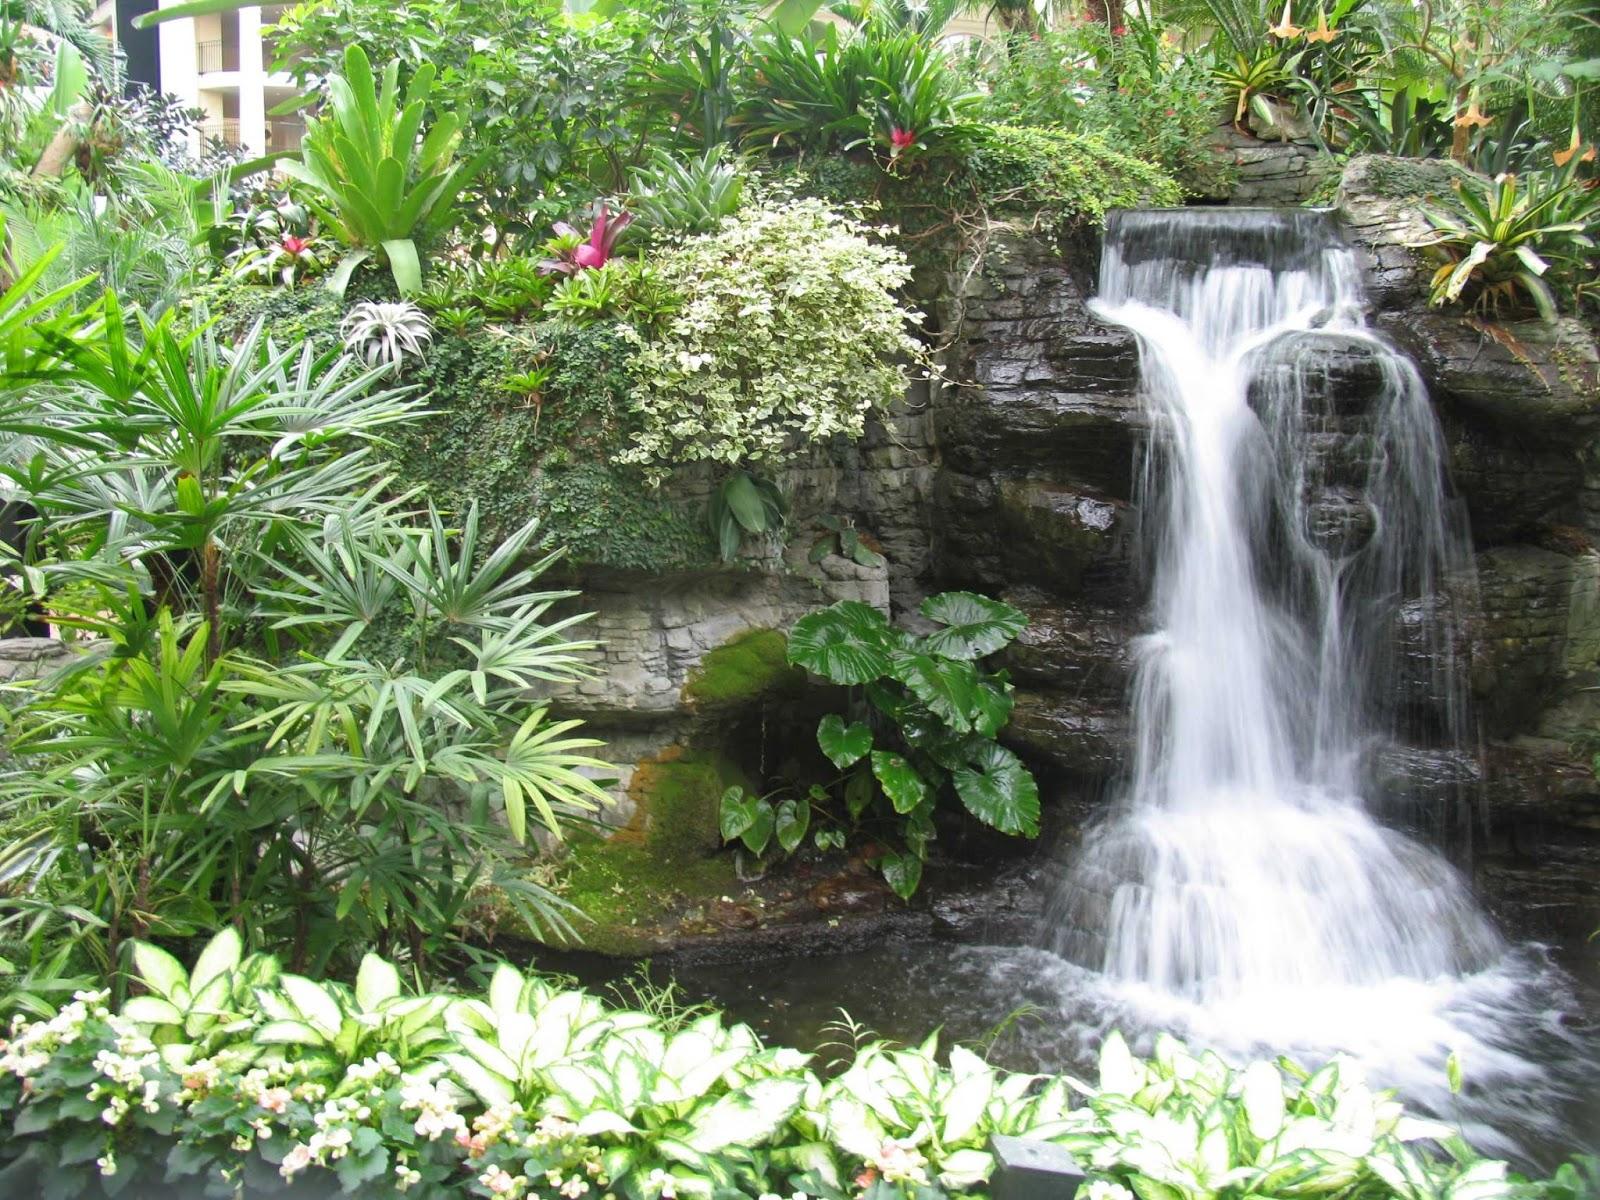 he-thong-tieu-canh-san-vuon-dai-duong-garden (34).jpg